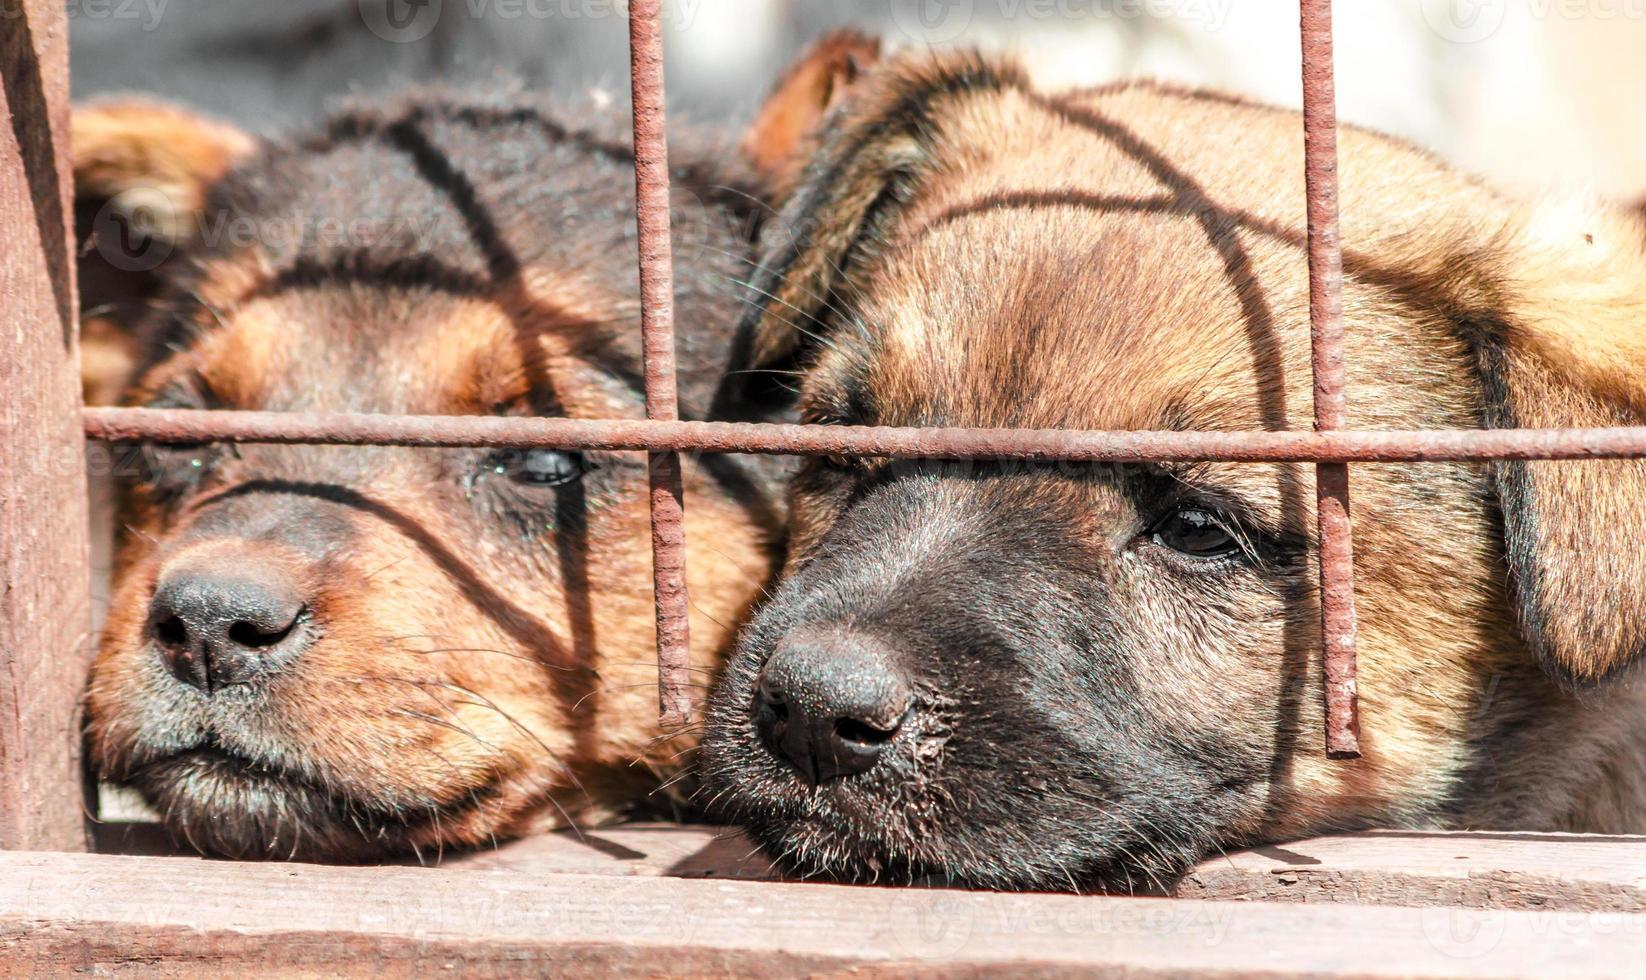 twee puppy's achter een hek in een opvangcentrum foto